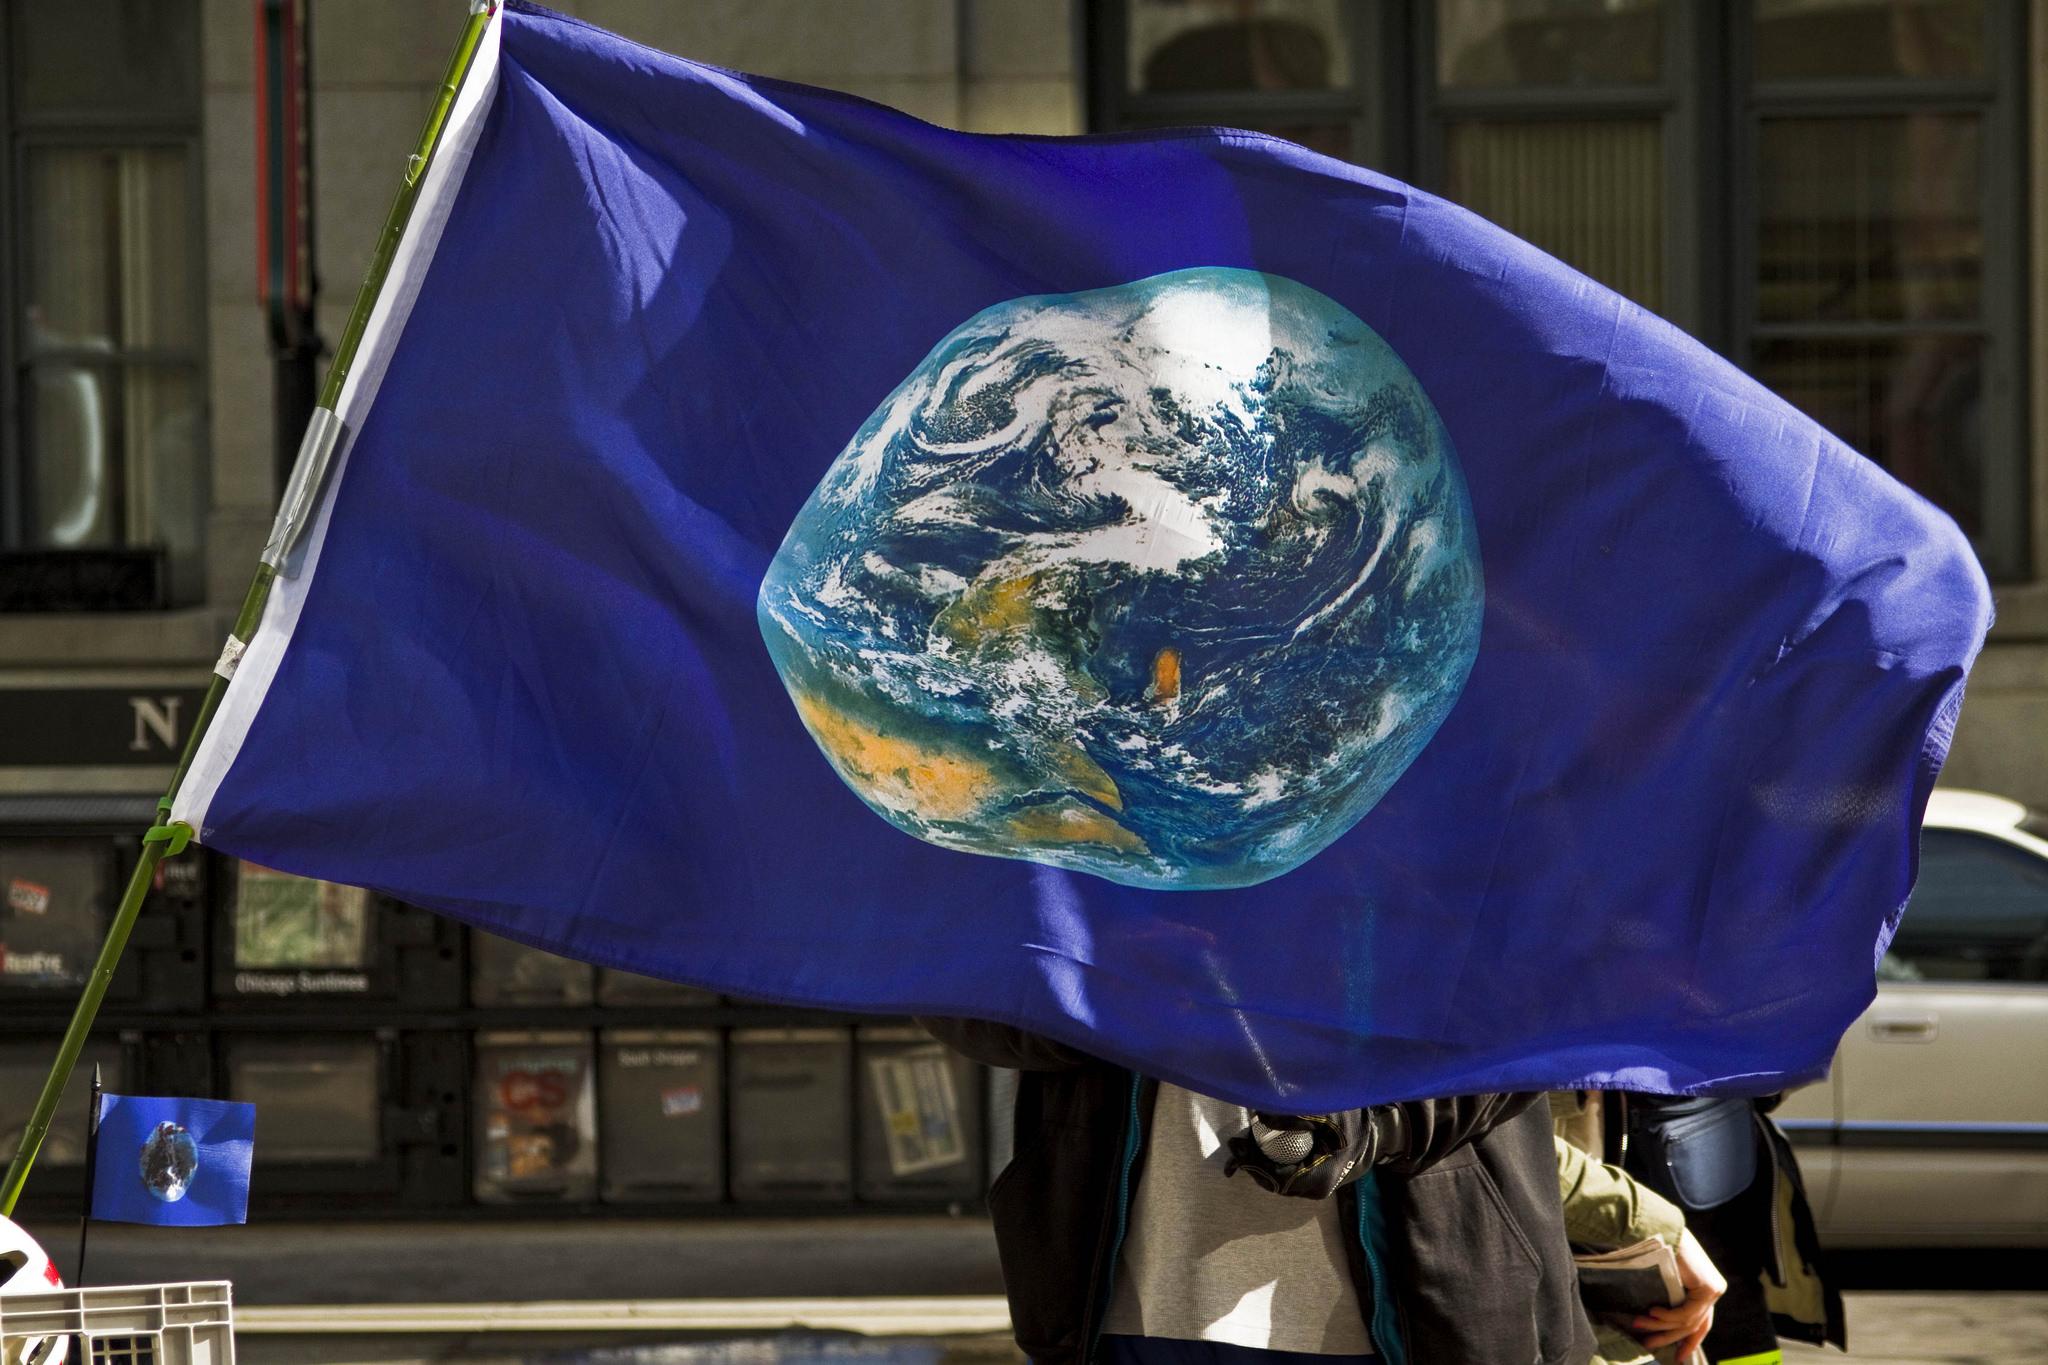 Об итогах 2015 года для мира и том, как Украине решить свои проблемы, исходя из глобальных тенденций